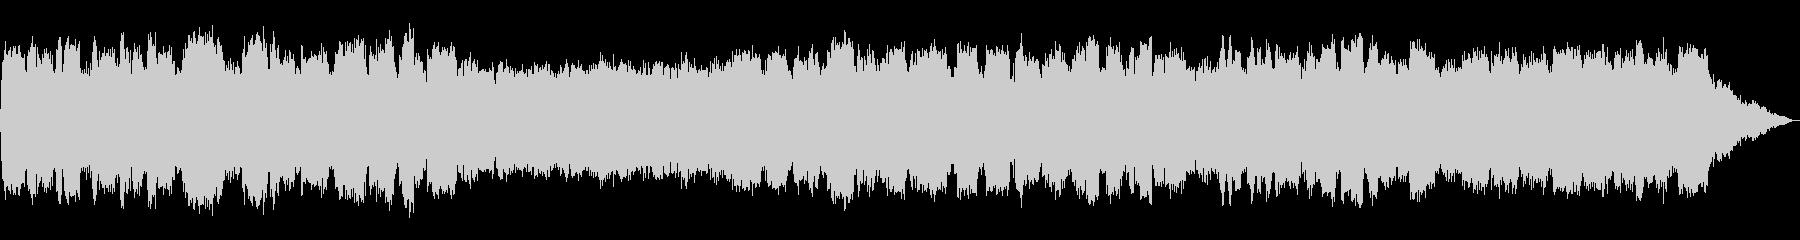 低い竹笛の音色のヒーリングミュージックの未再生の波形